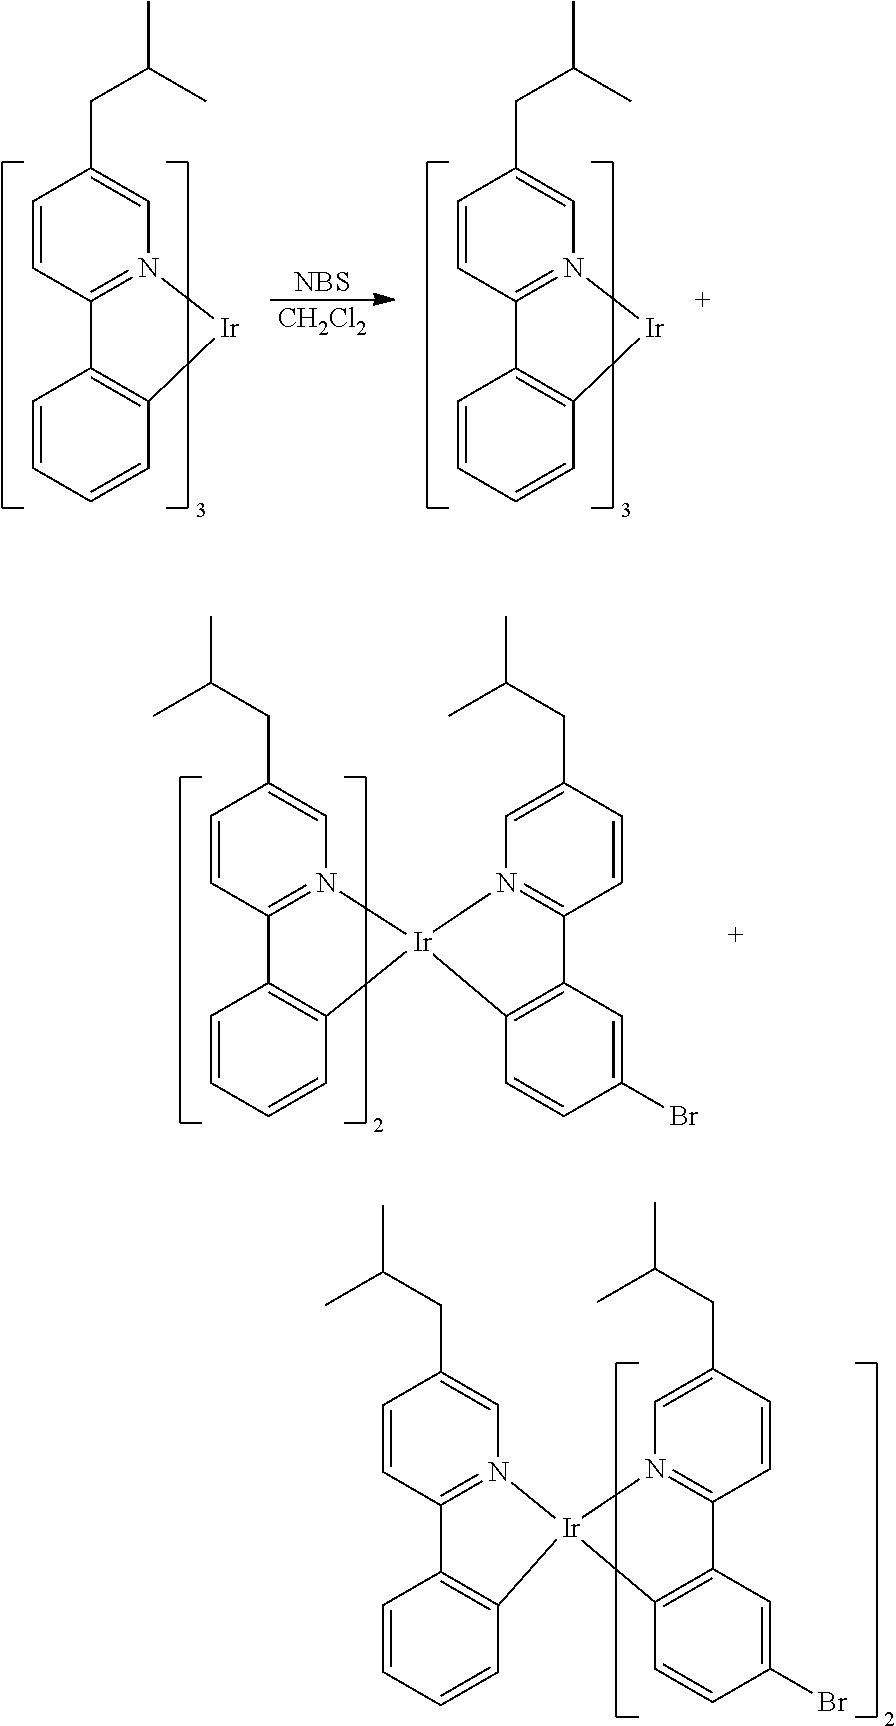 Figure US09899612-20180220-C00070